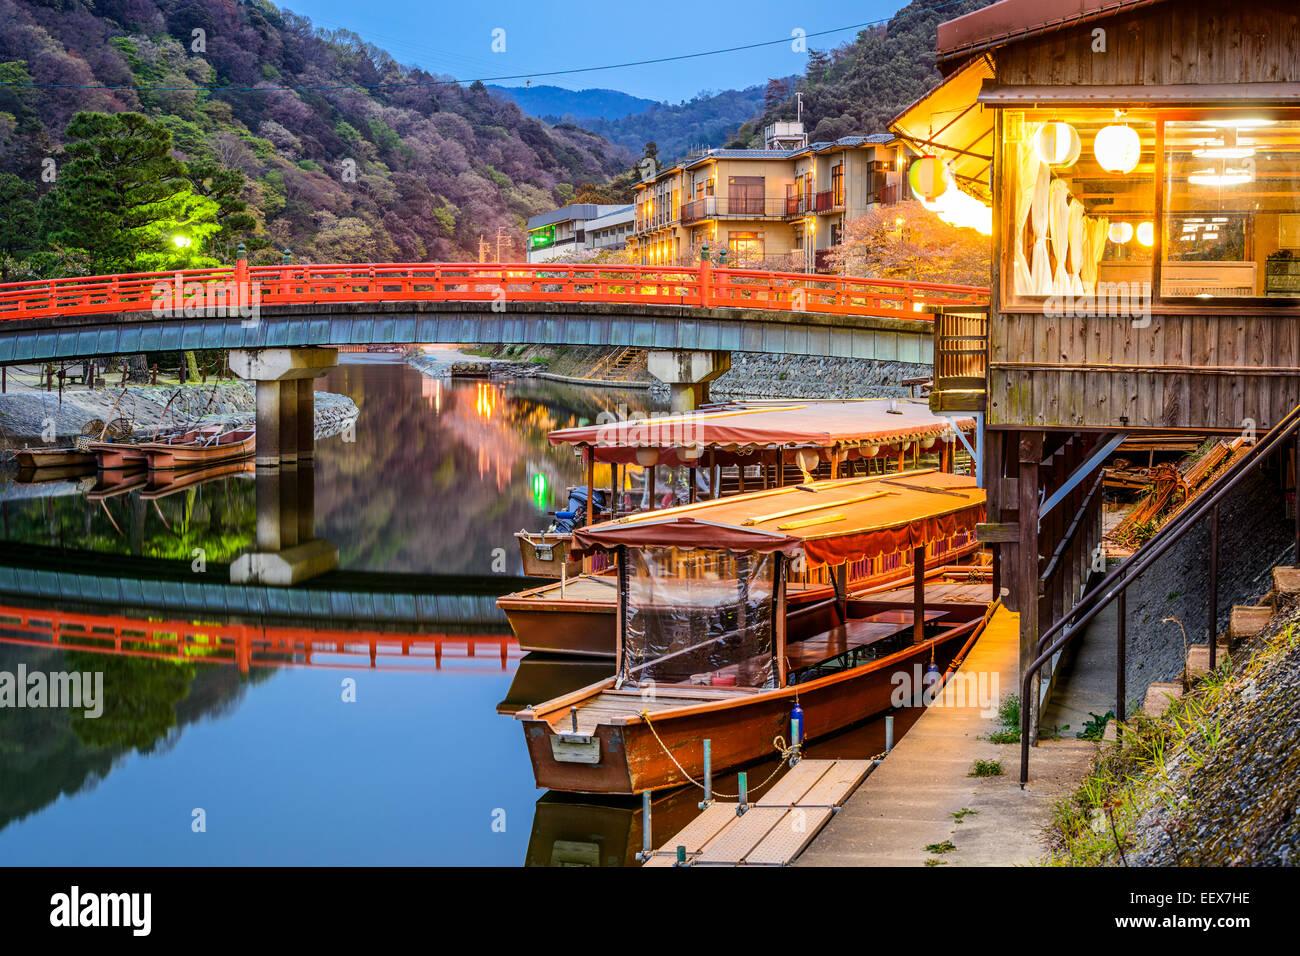 Uji, Prefectura de Kioto, Japón sobre el río Ujigawa. Imagen De Stock